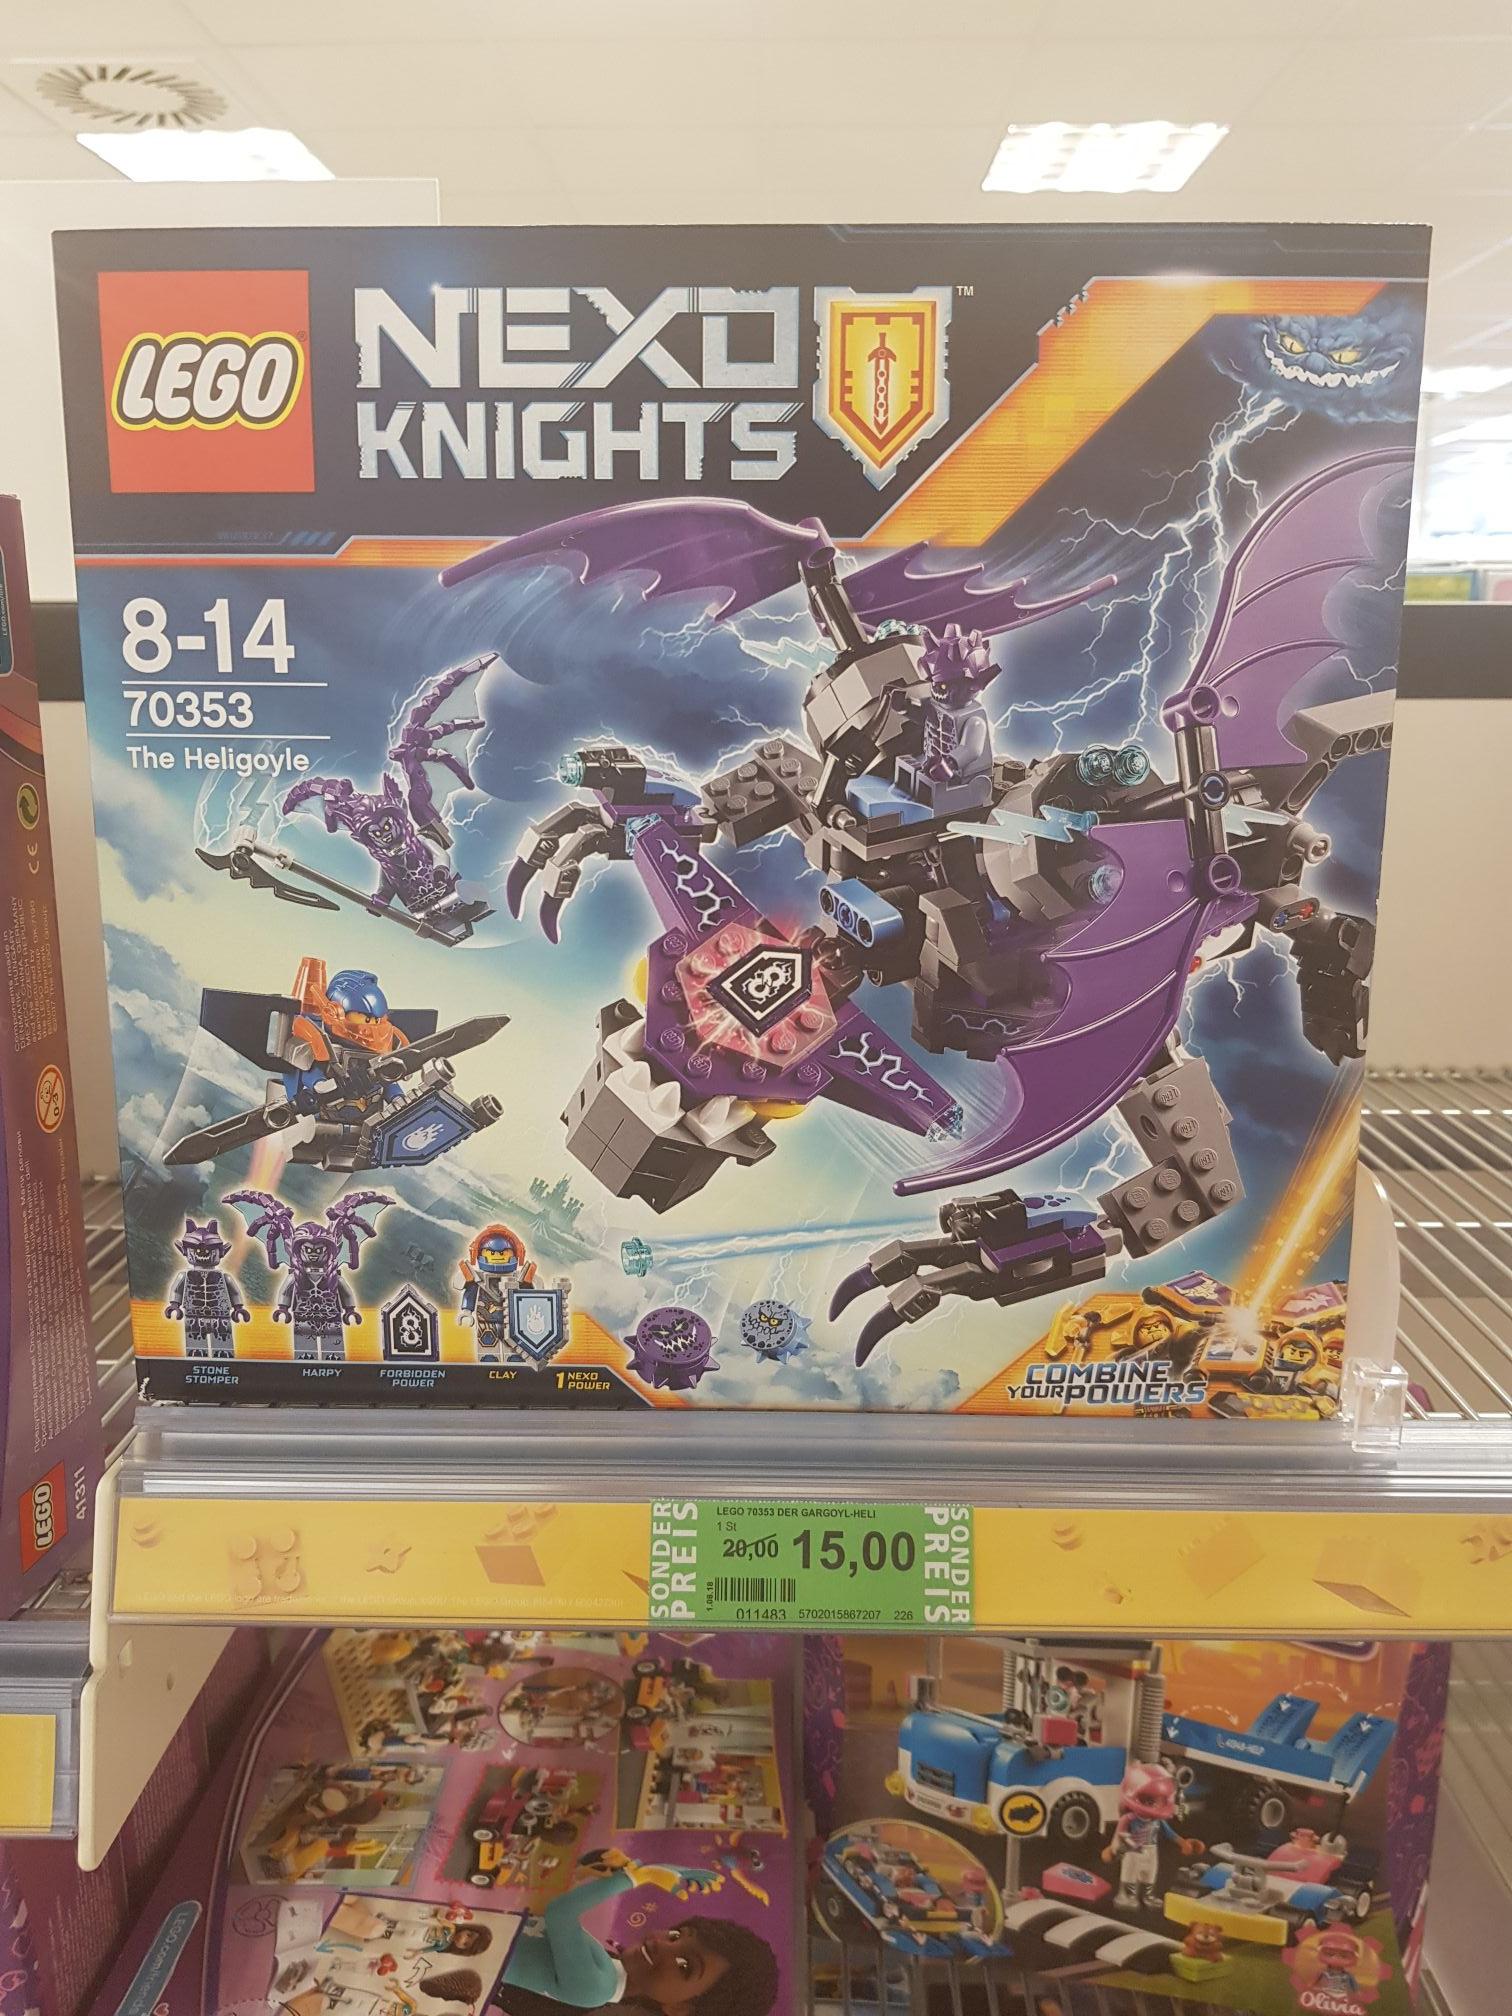 [Lokal Hannover?] Lego 70353 Nexo Knights, The Heligoyle